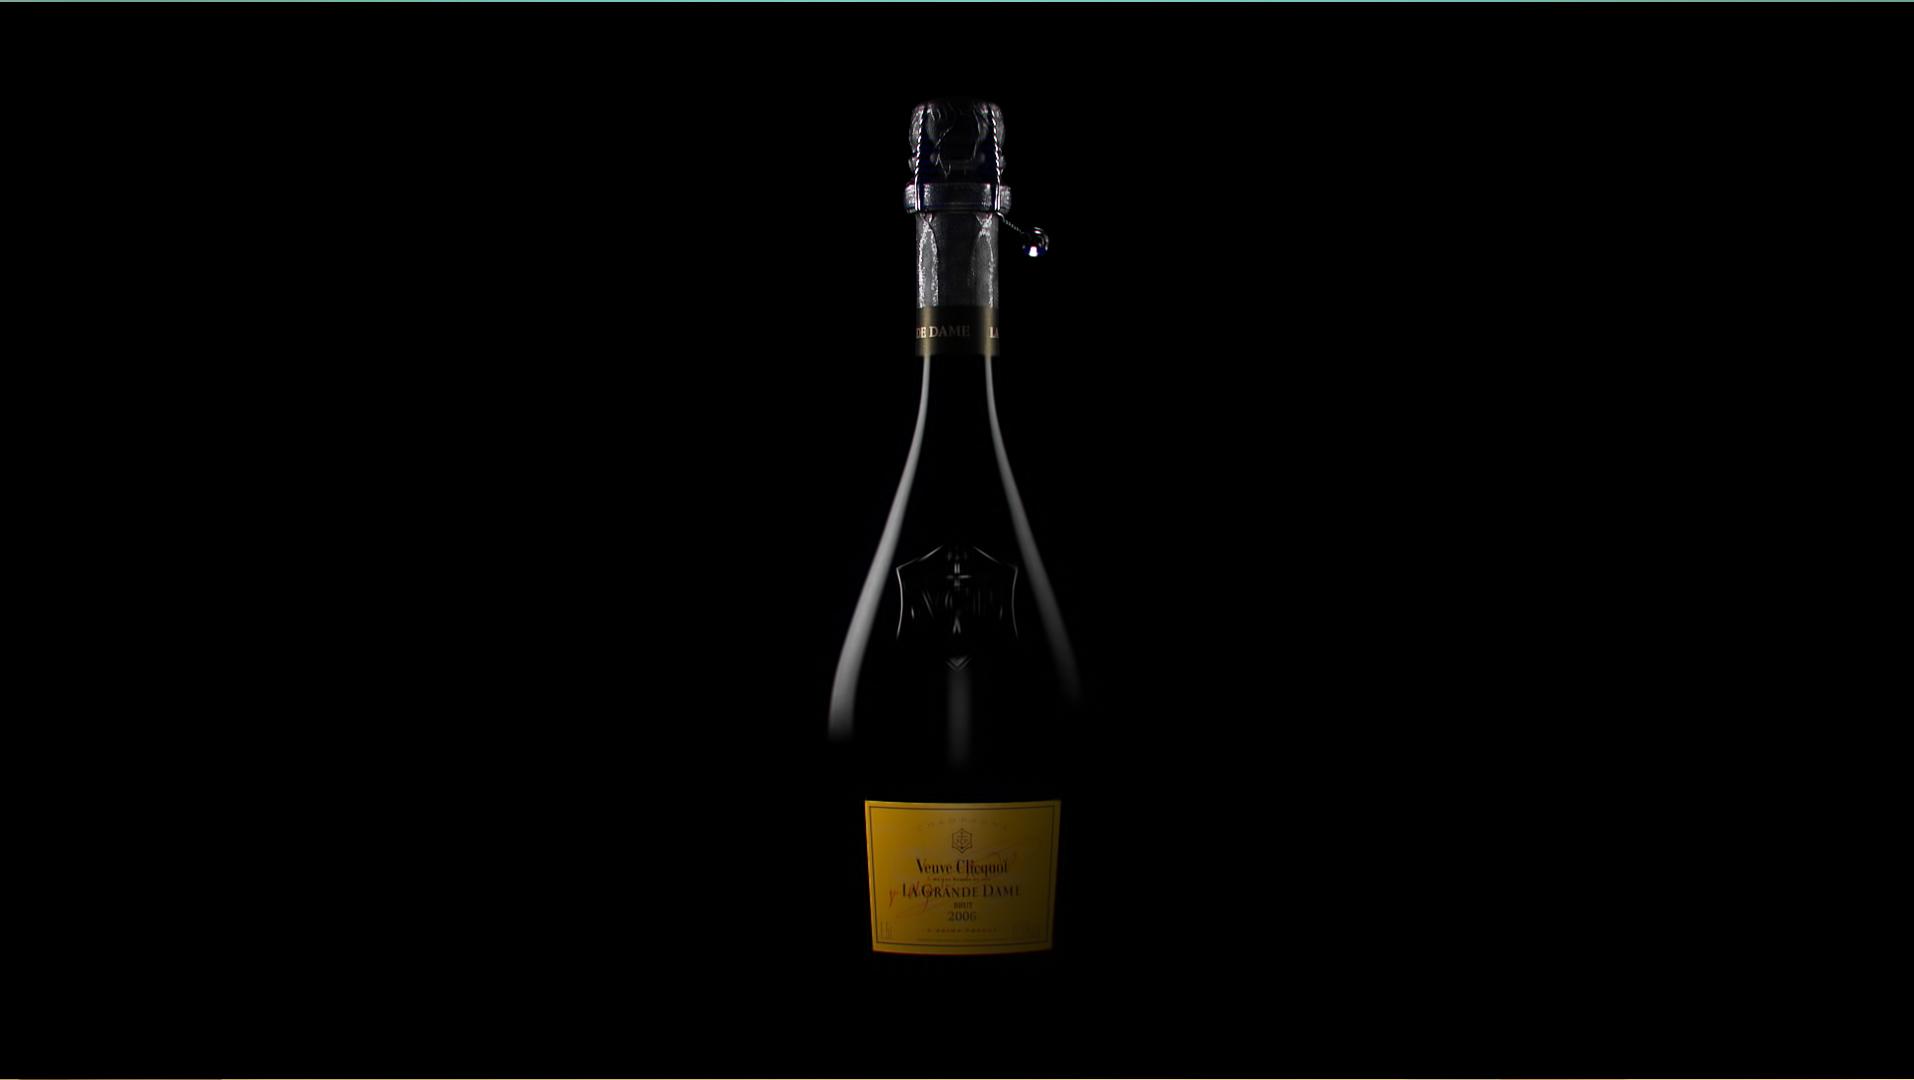 GALERIE-Dripmoon-Studio 3D-Tours-Motion design - Veuve Clicquot - La grande dame - Packshot 6